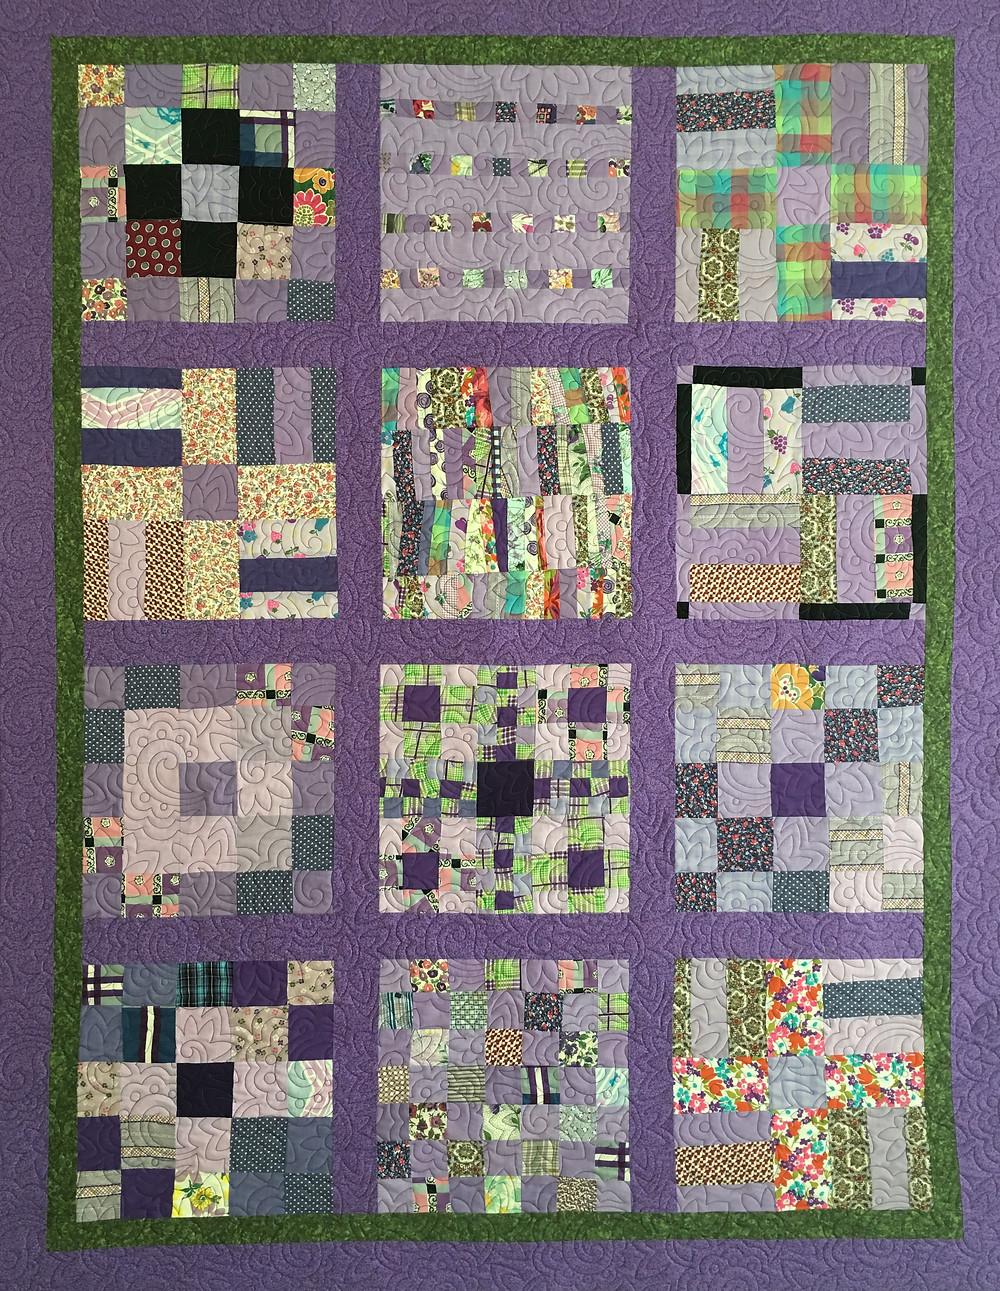 Sampler in Lavender Quilt by Valarie Sherriff